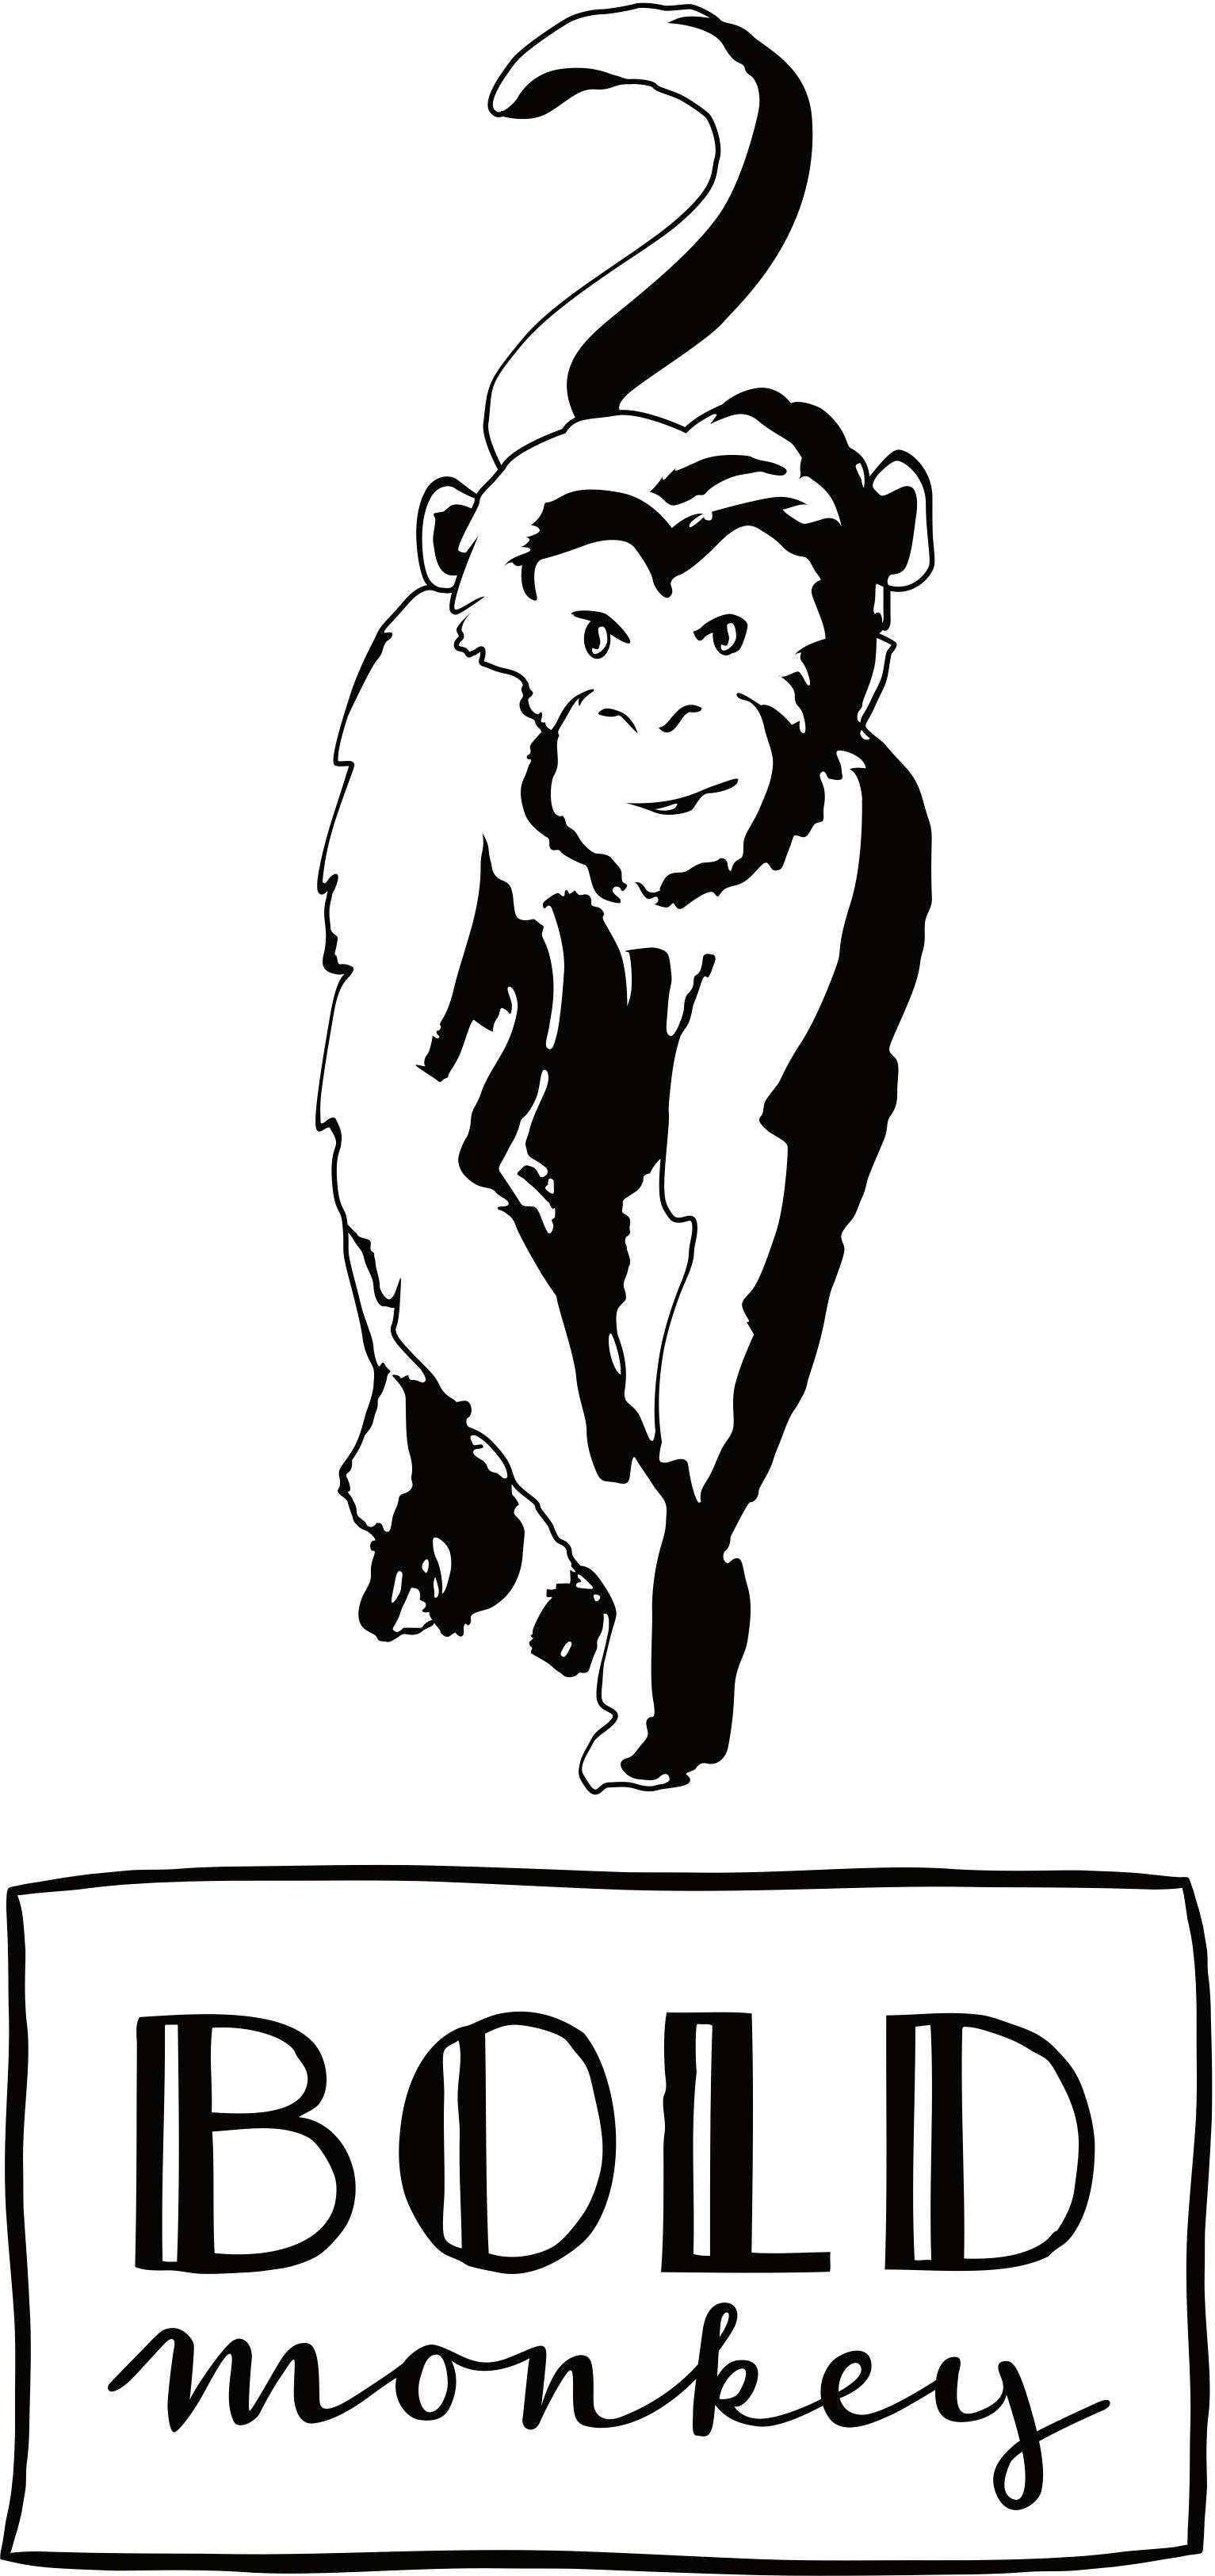 Bold Monkey Songs Of The Night Tiger vaas tijger handgeschilderd bloemen zwart rond